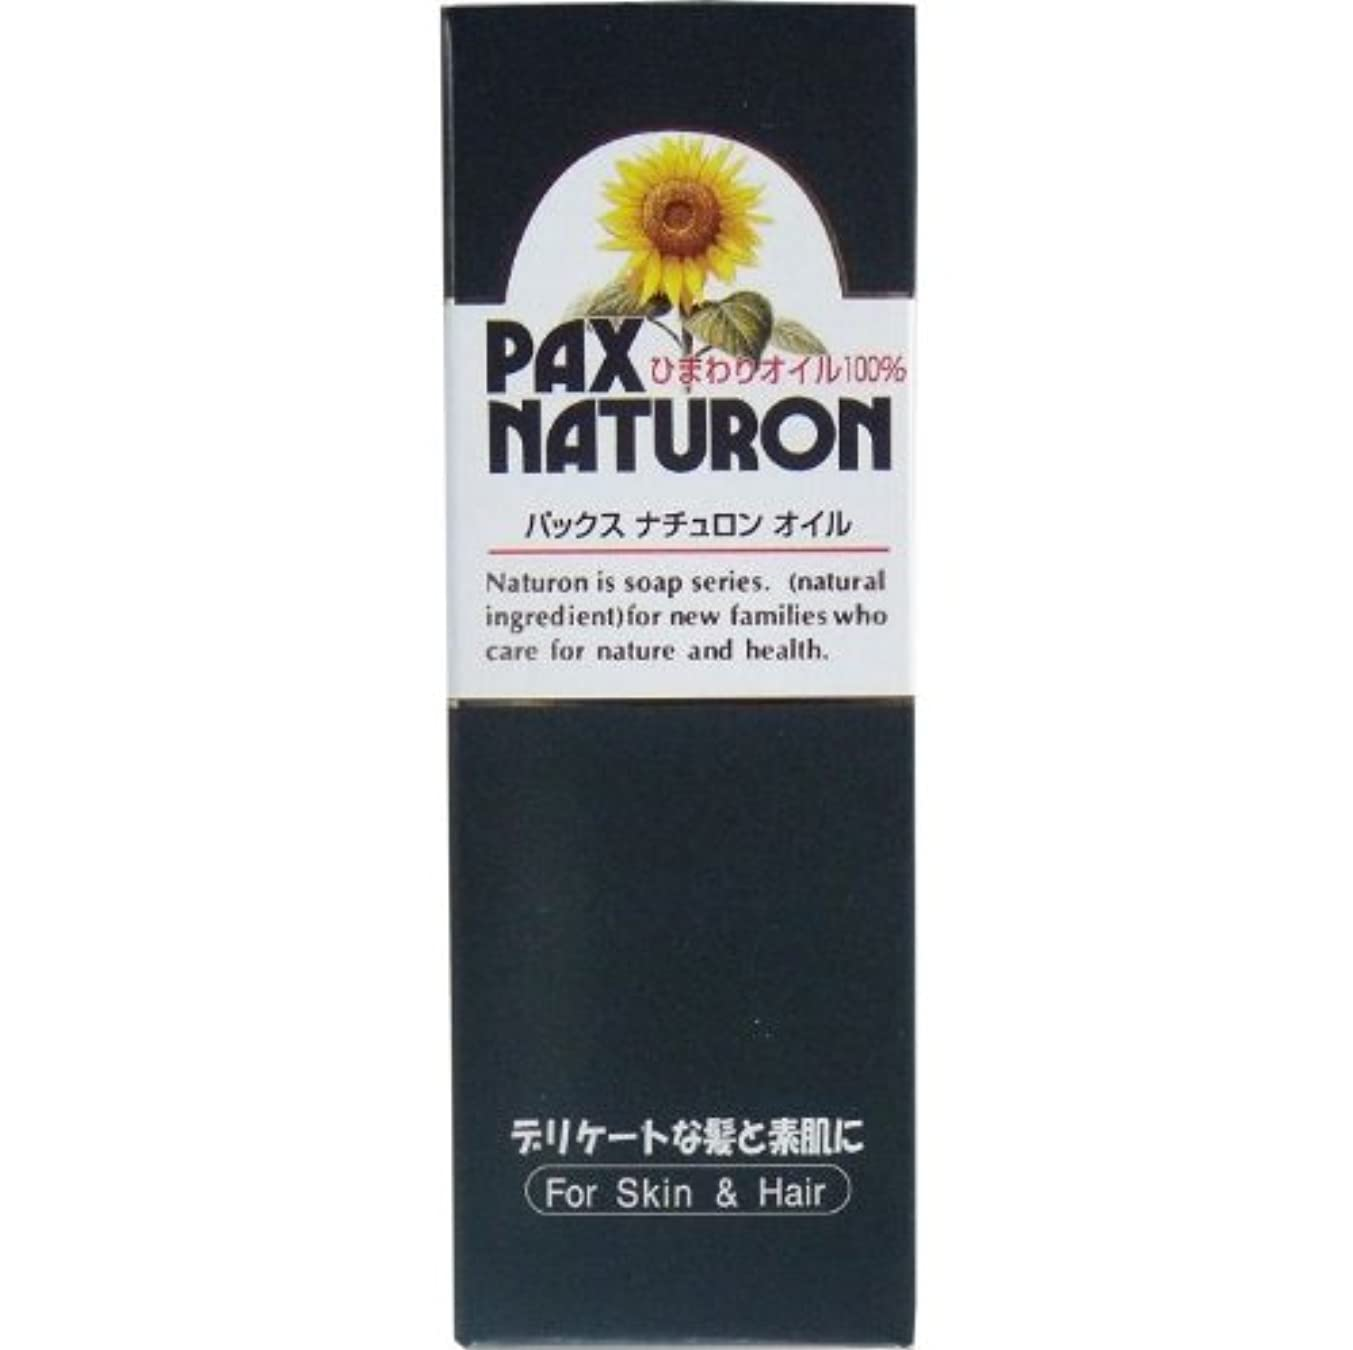 別々に消化配送デリケートな髪と素肌に!ひまわりの種子から採った ハイオレイックひまわり油 60mL【5個セット】